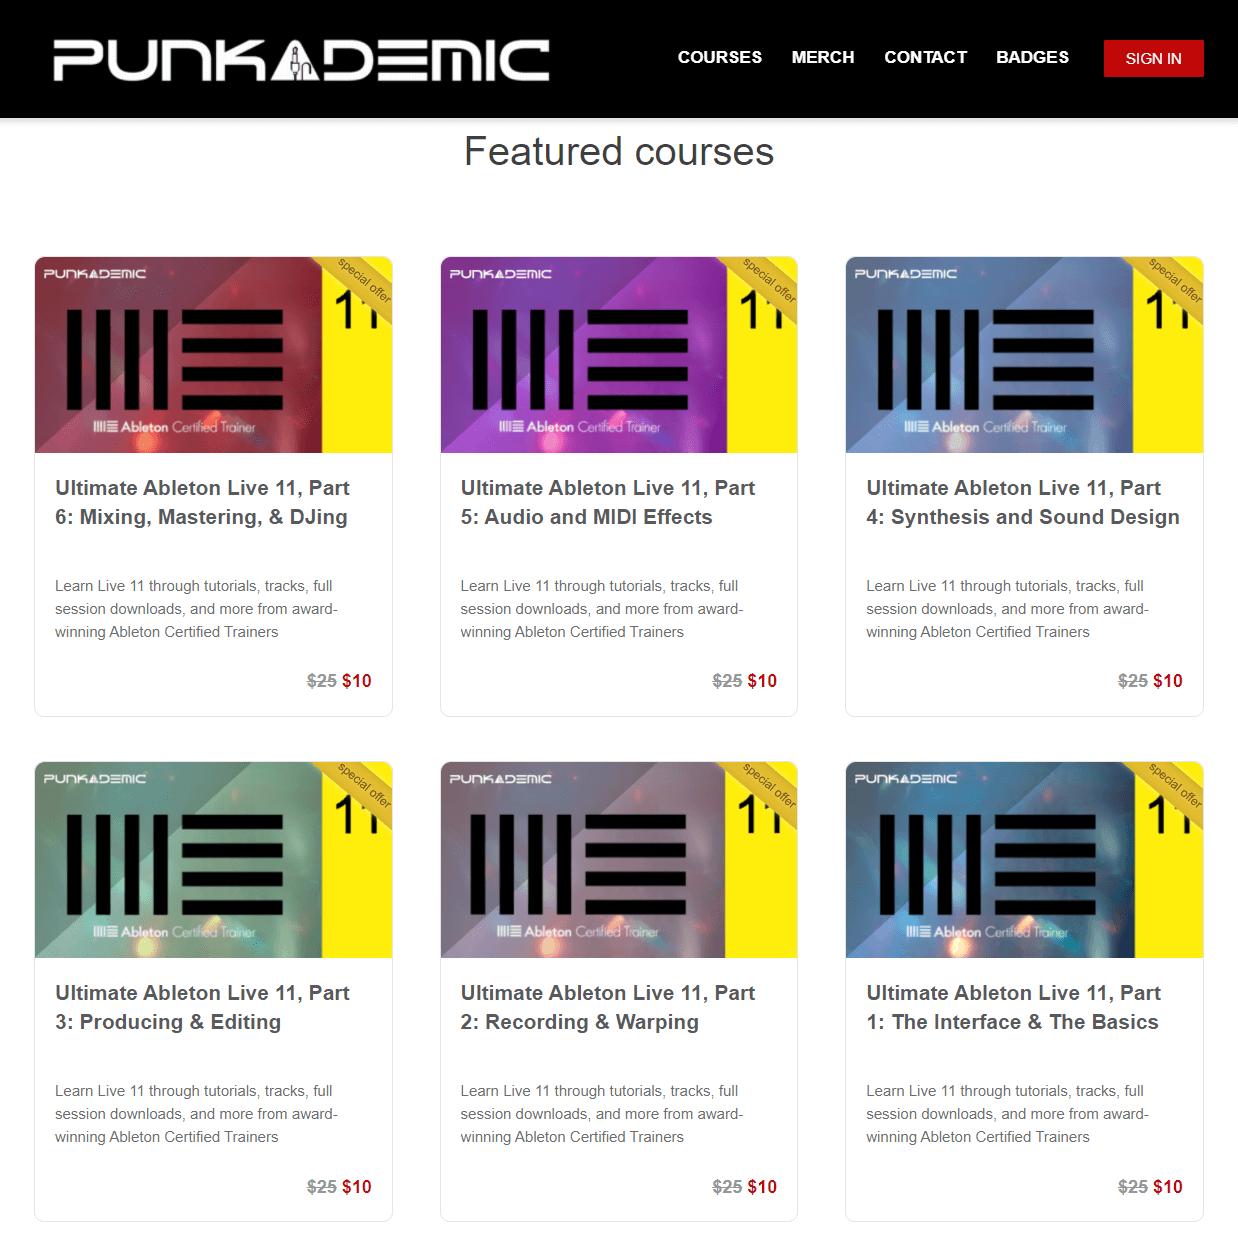 Punkademic courses